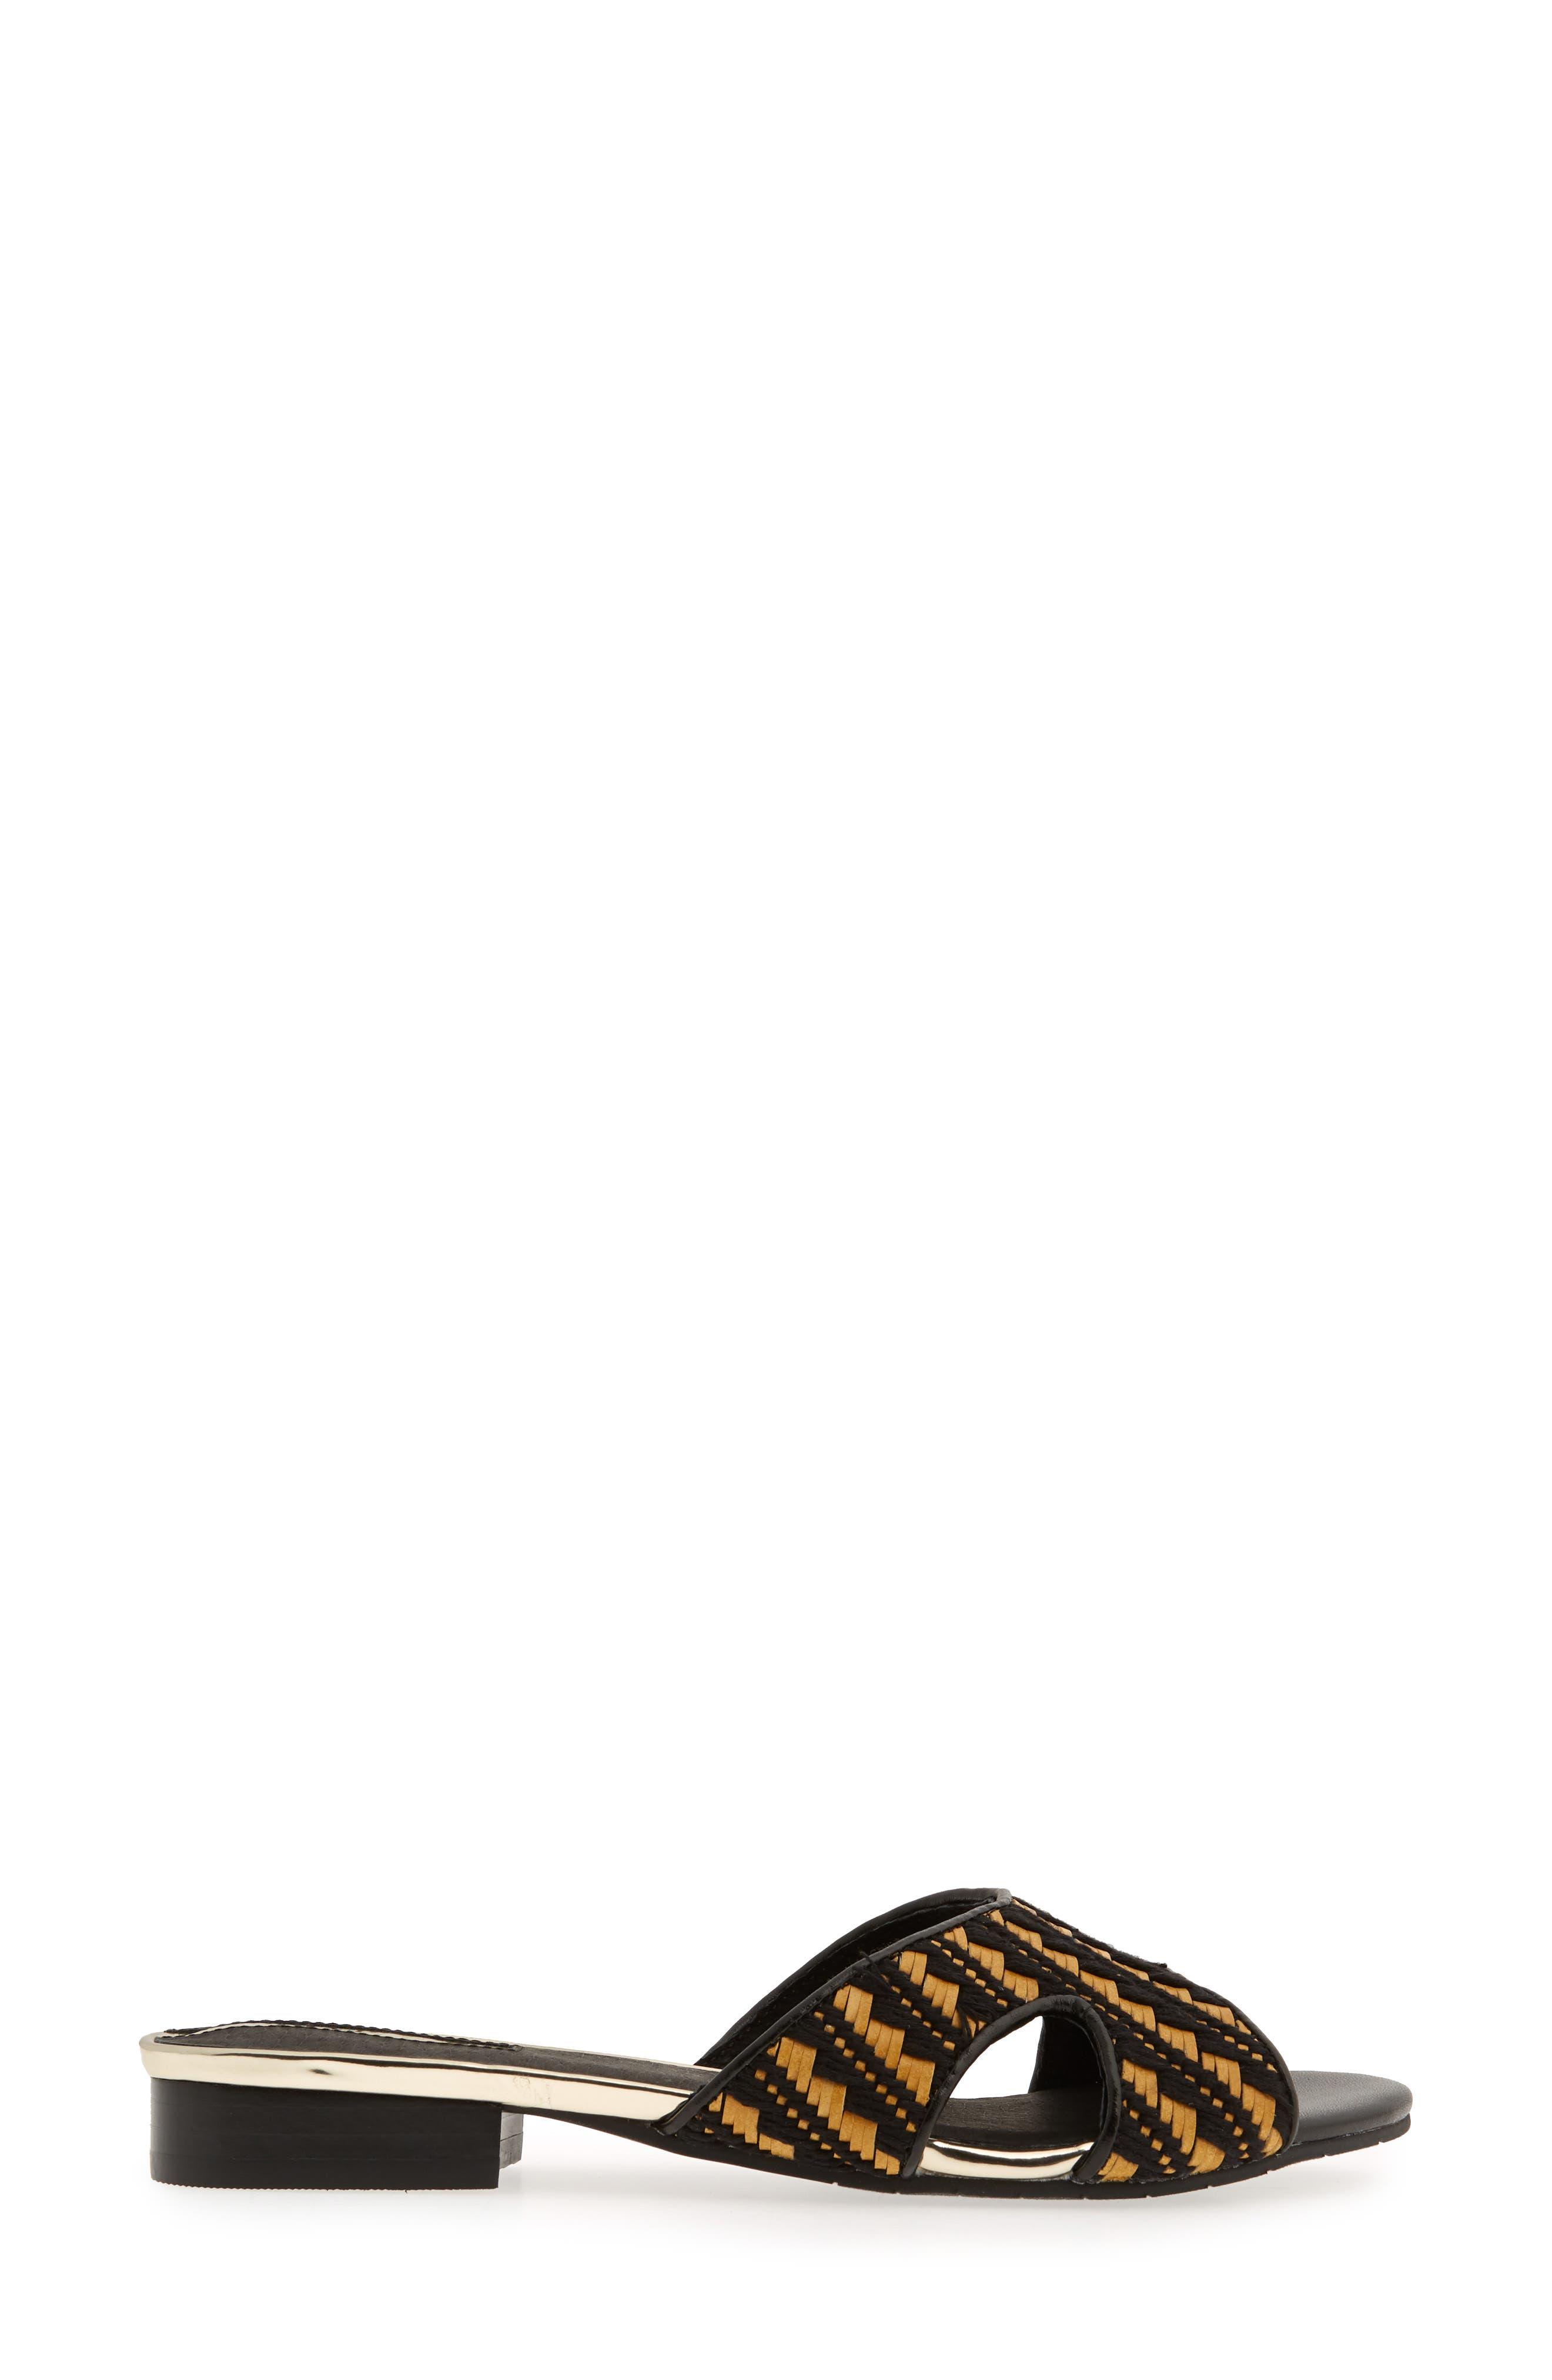 Viveca 2 Slide Sandal,                             Alternate thumbnail 3, color,                             001